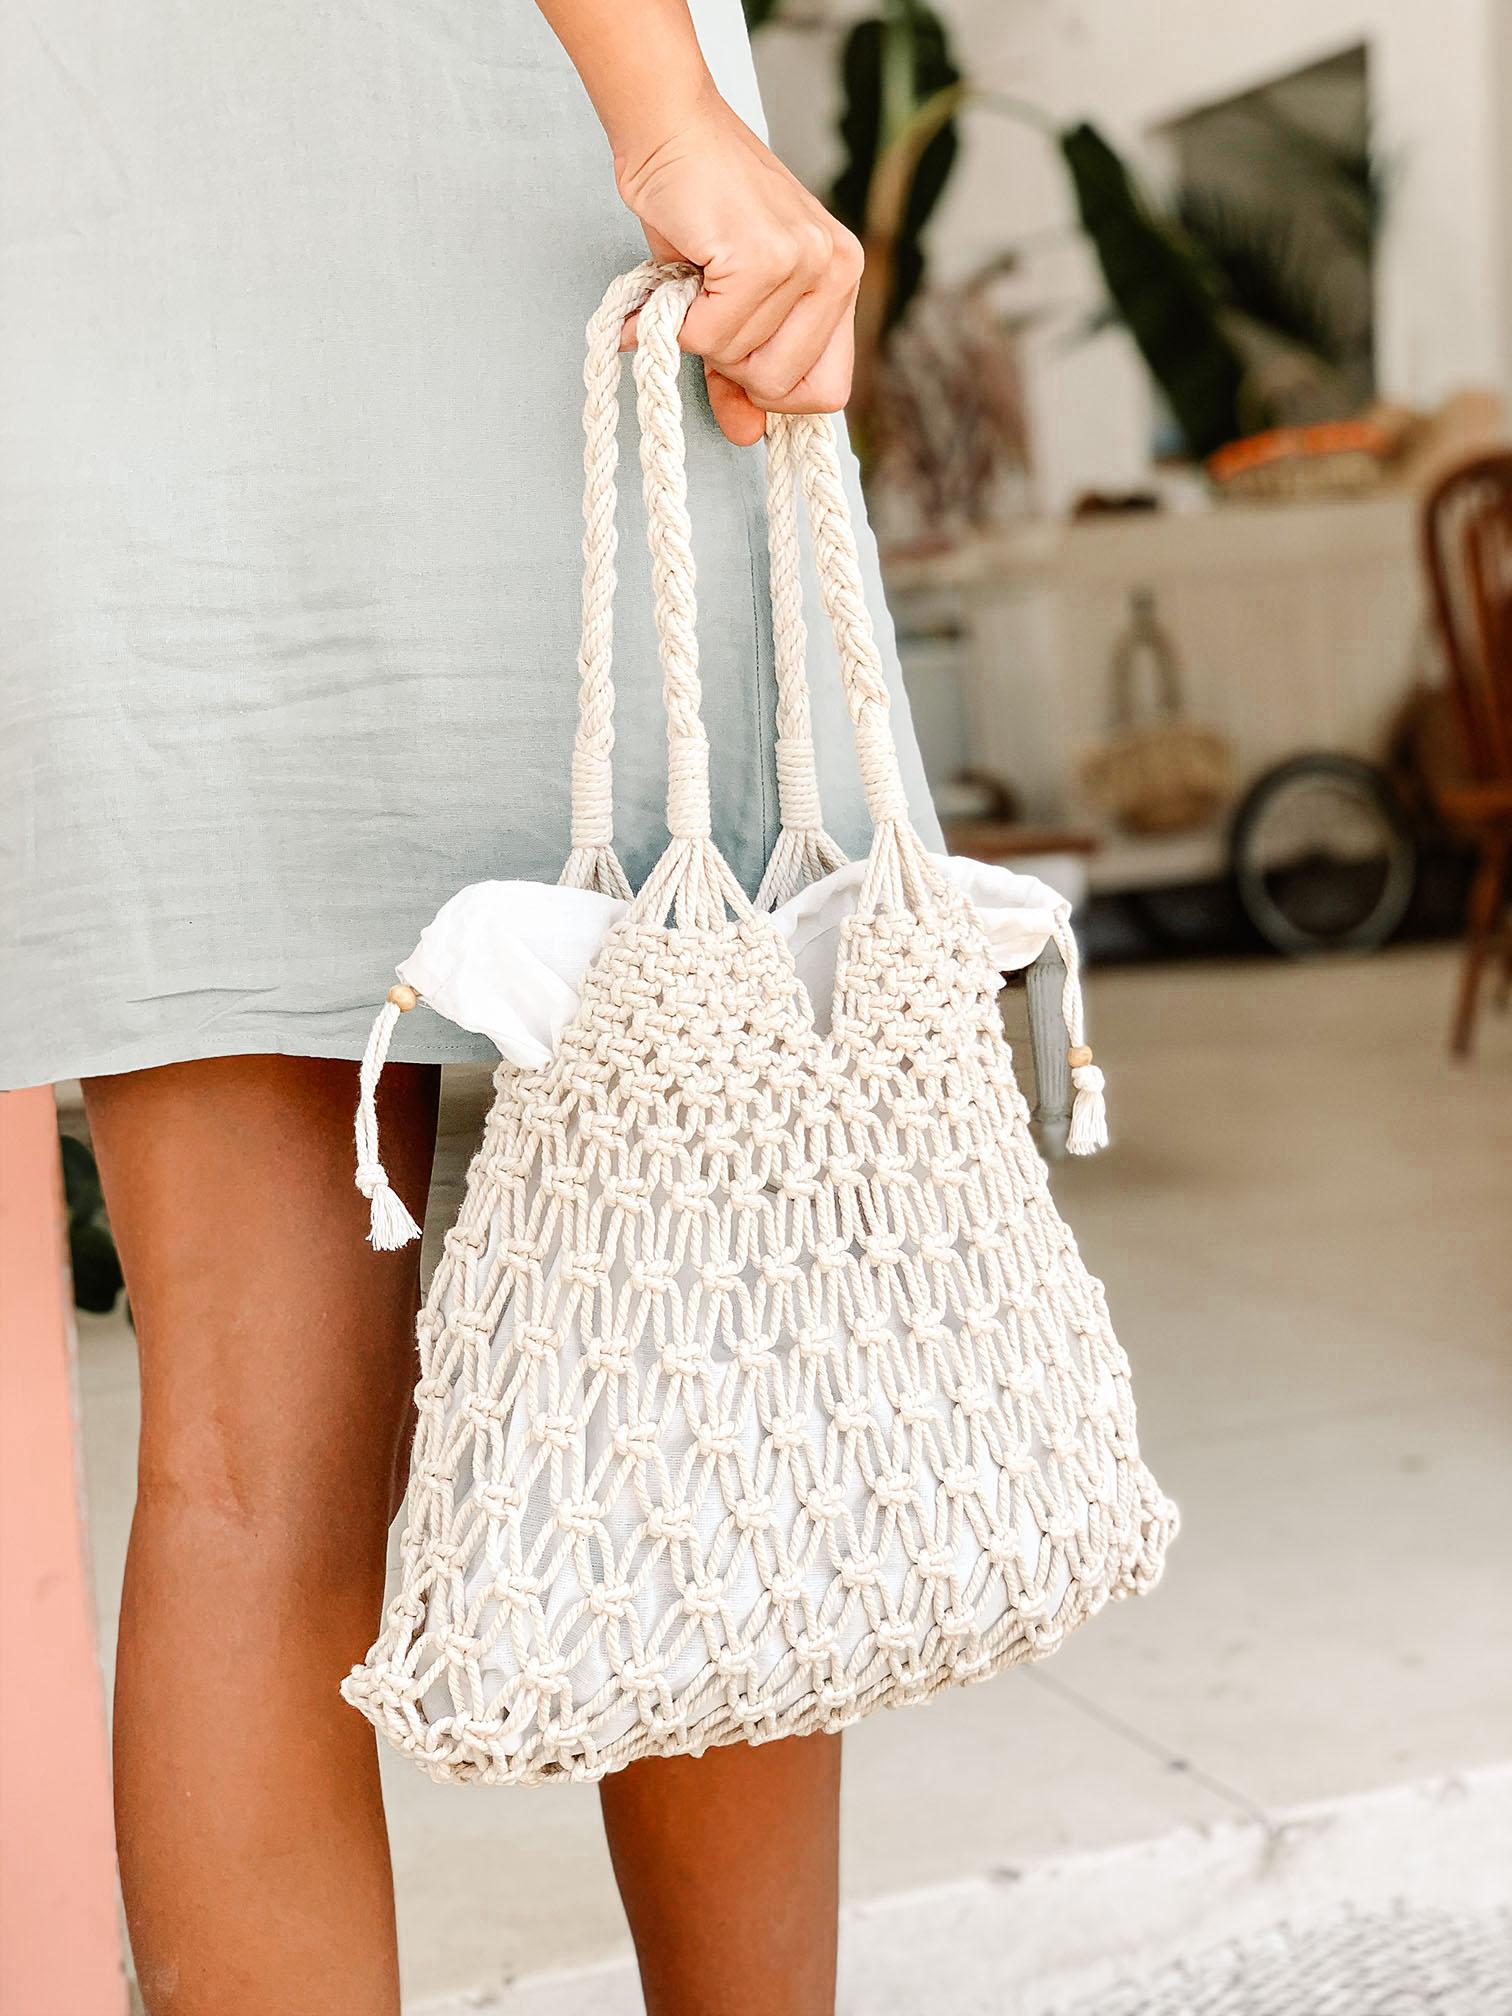 Macrame_shopping_bag_6